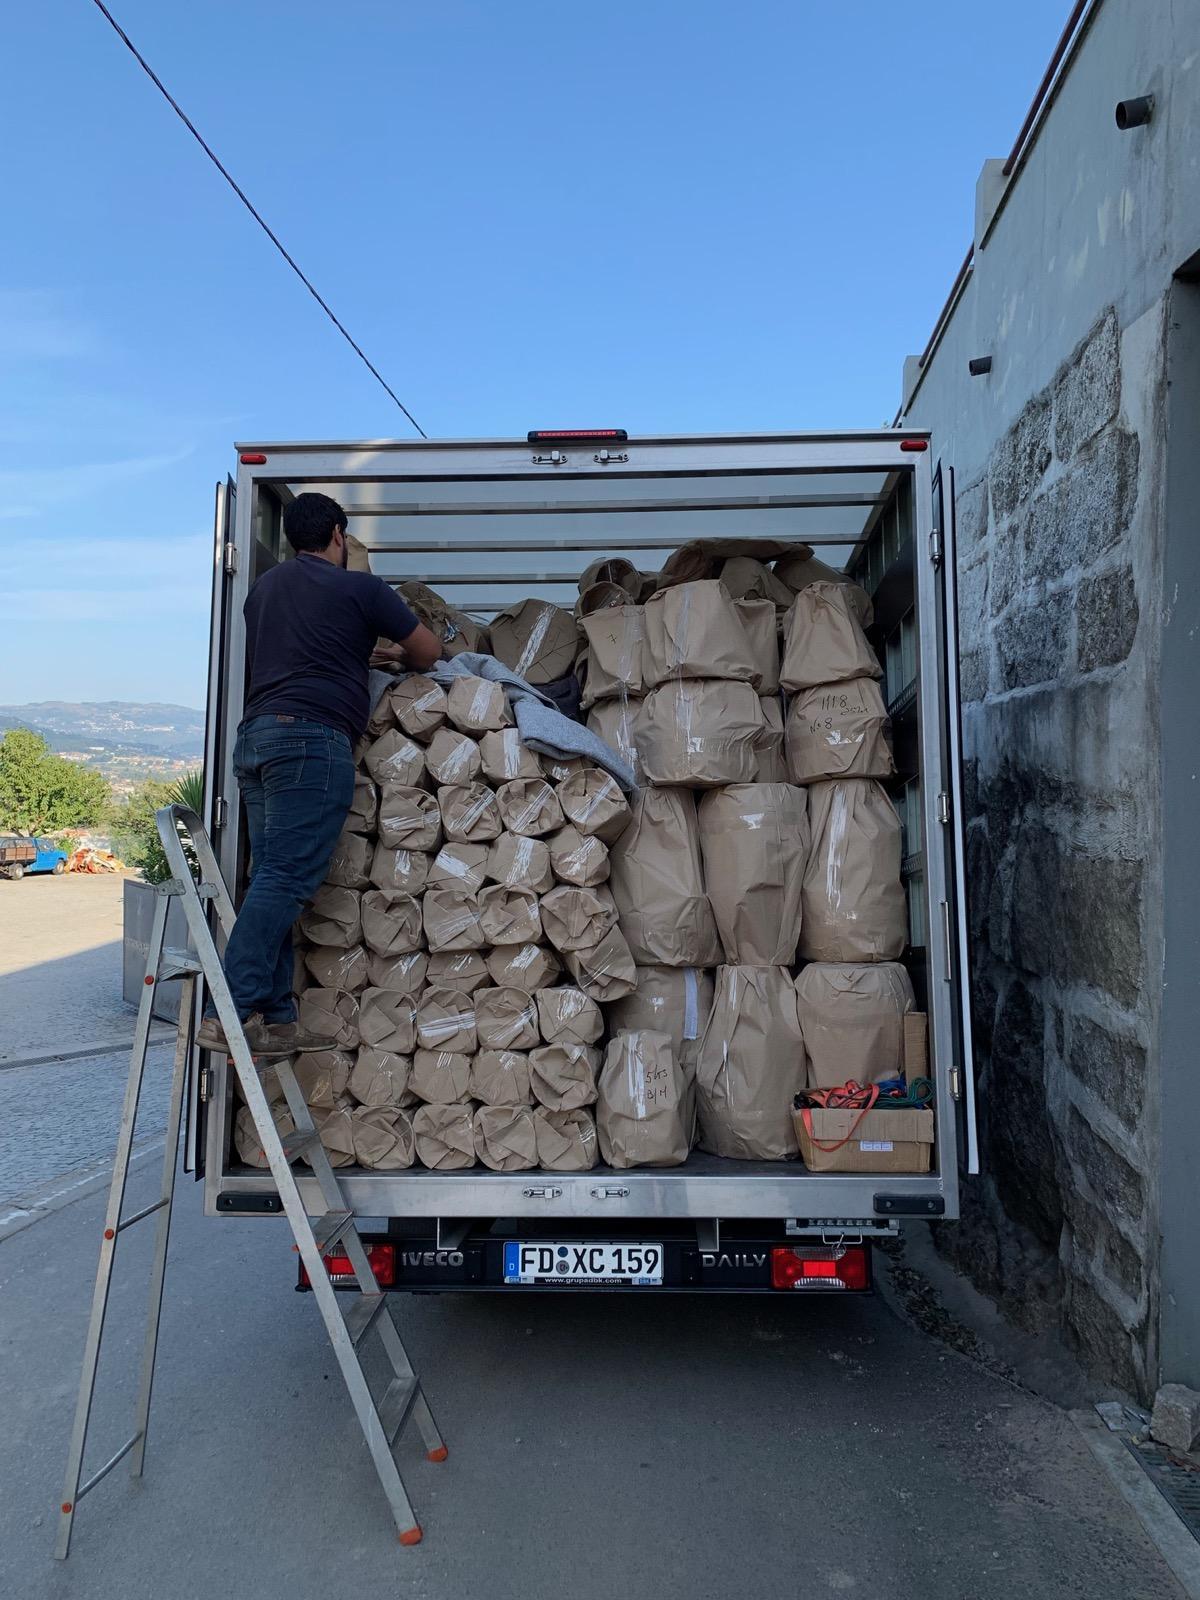 Fahrt mit Destillatio LKW